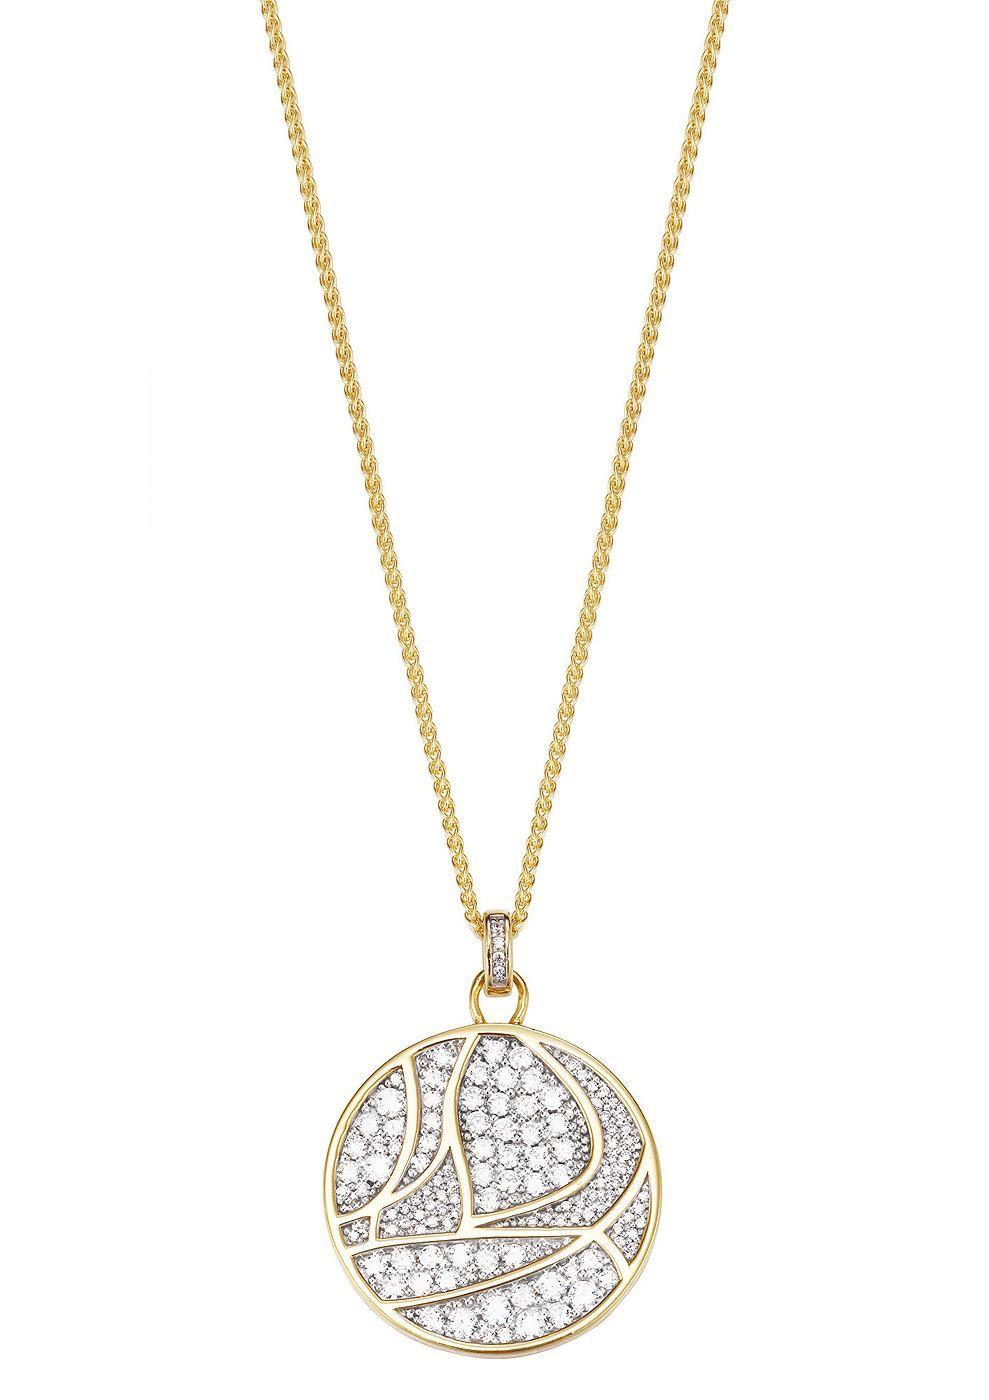 """Esprit collection, Kette, """"EL-adelphia gold, ELNL93162A420"""".  Glamouröses und Elegantes Schmuckstück auf hohem Niveau - Dieser sinnliche Halsschmuck ist aus goldfarben vergoldetem, teilweise rhodiniertem Silber 925 gefertigt. Funkelnde Zirkonia (synth.) zieren den ca. 36/27 mm großen Anhänger. Die ca. 42 cm lange Zopfkette ist mit dem ca. 3 cm langen Verlängerungskettchen entsprechend in der Lä..."""